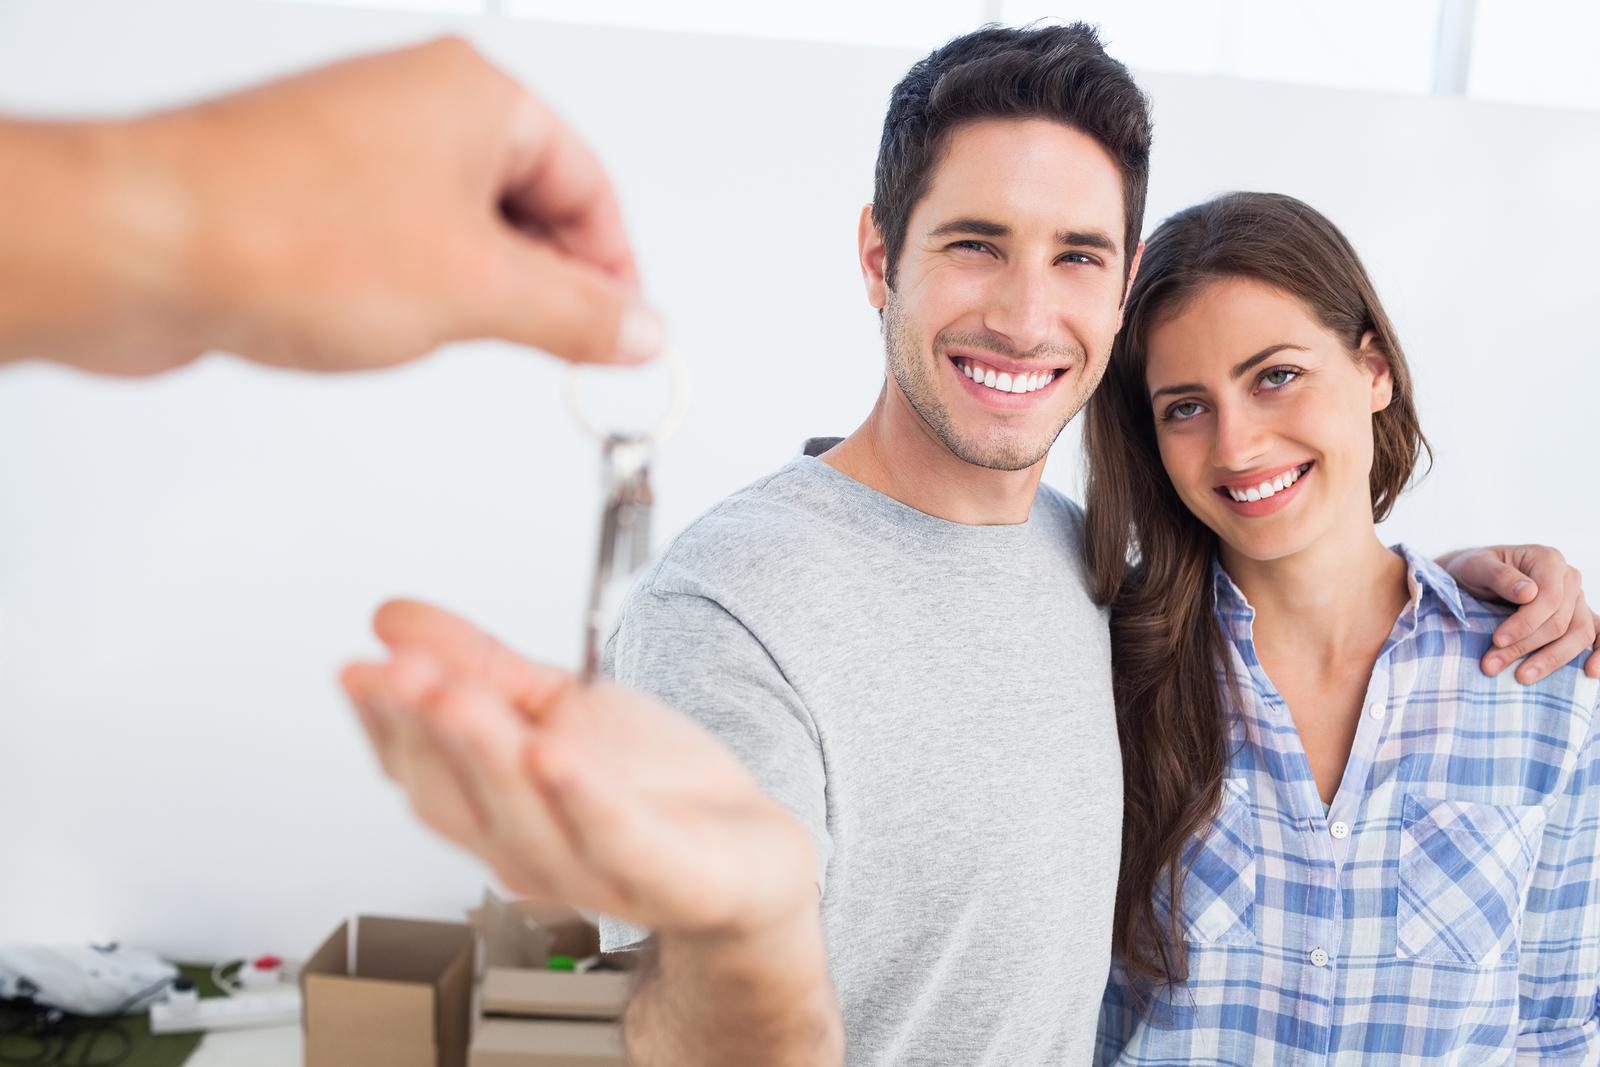 eine eigentumswohnung kaufen worauf du bei der suche und beim kauf achten solltest. Black Bedroom Furniture Sets. Home Design Ideas